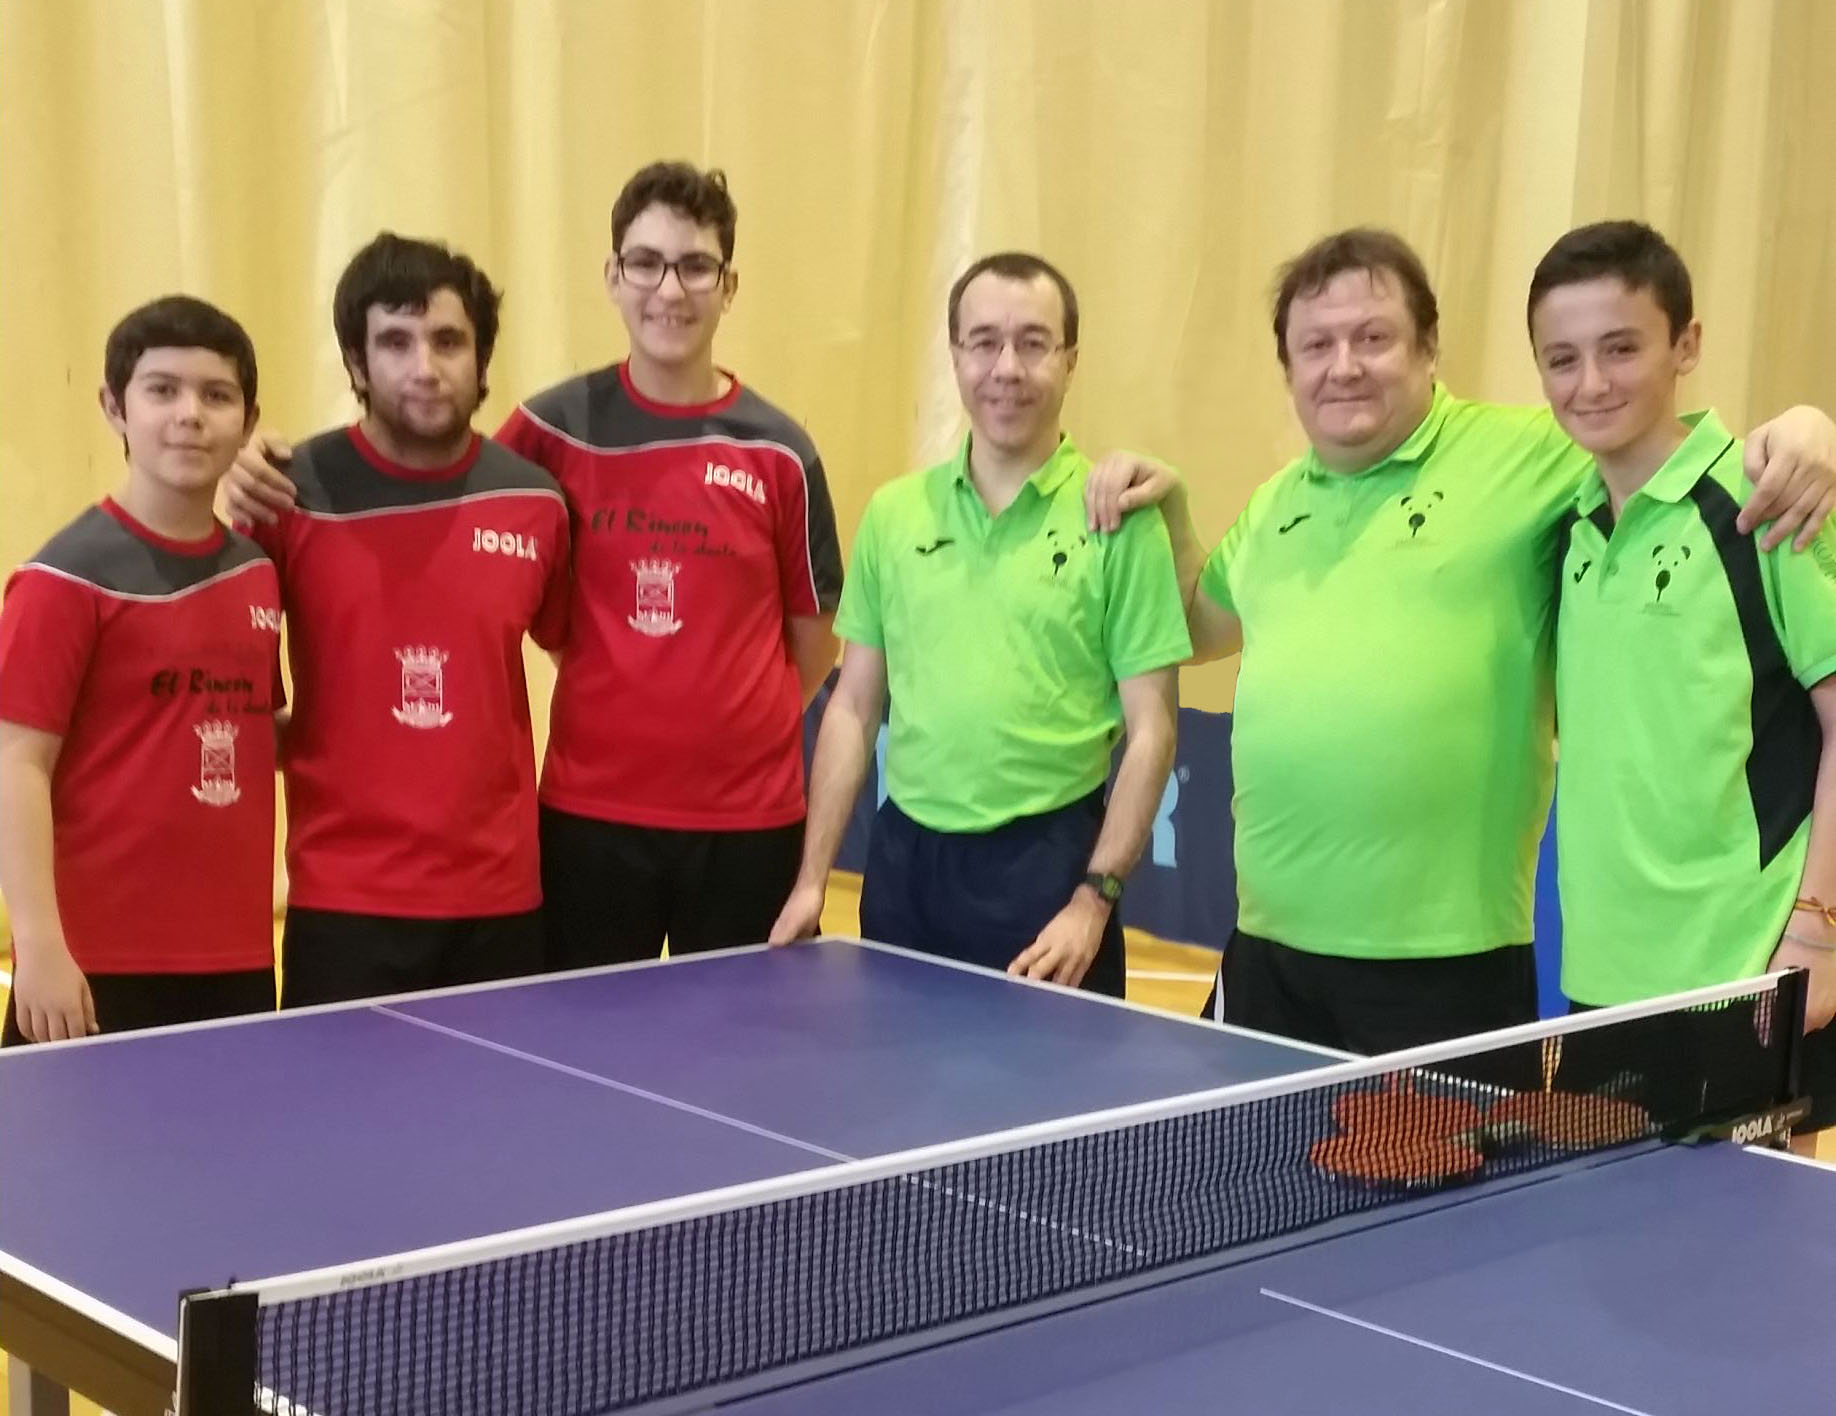 Manuel, Antonio y Mario posando junto al equipo de Collado Mediano